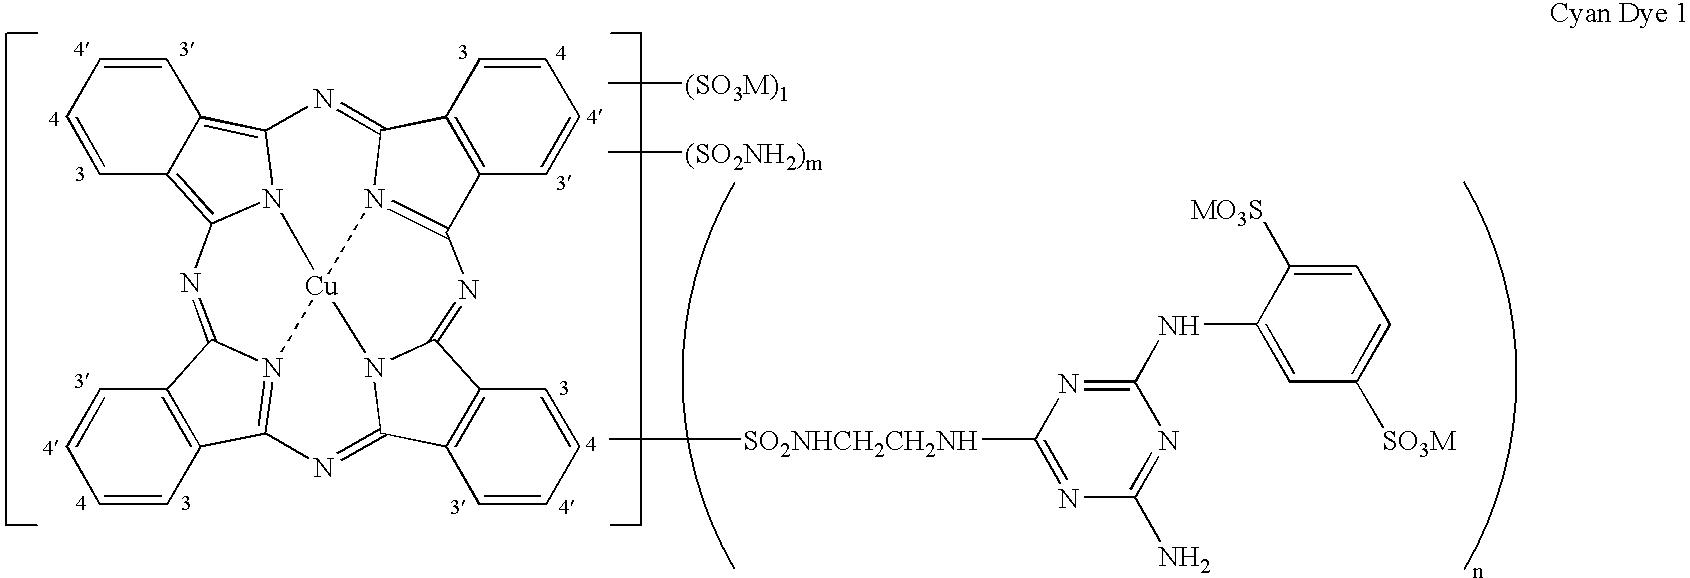 Figure US20070109372A1-20070517-C00013